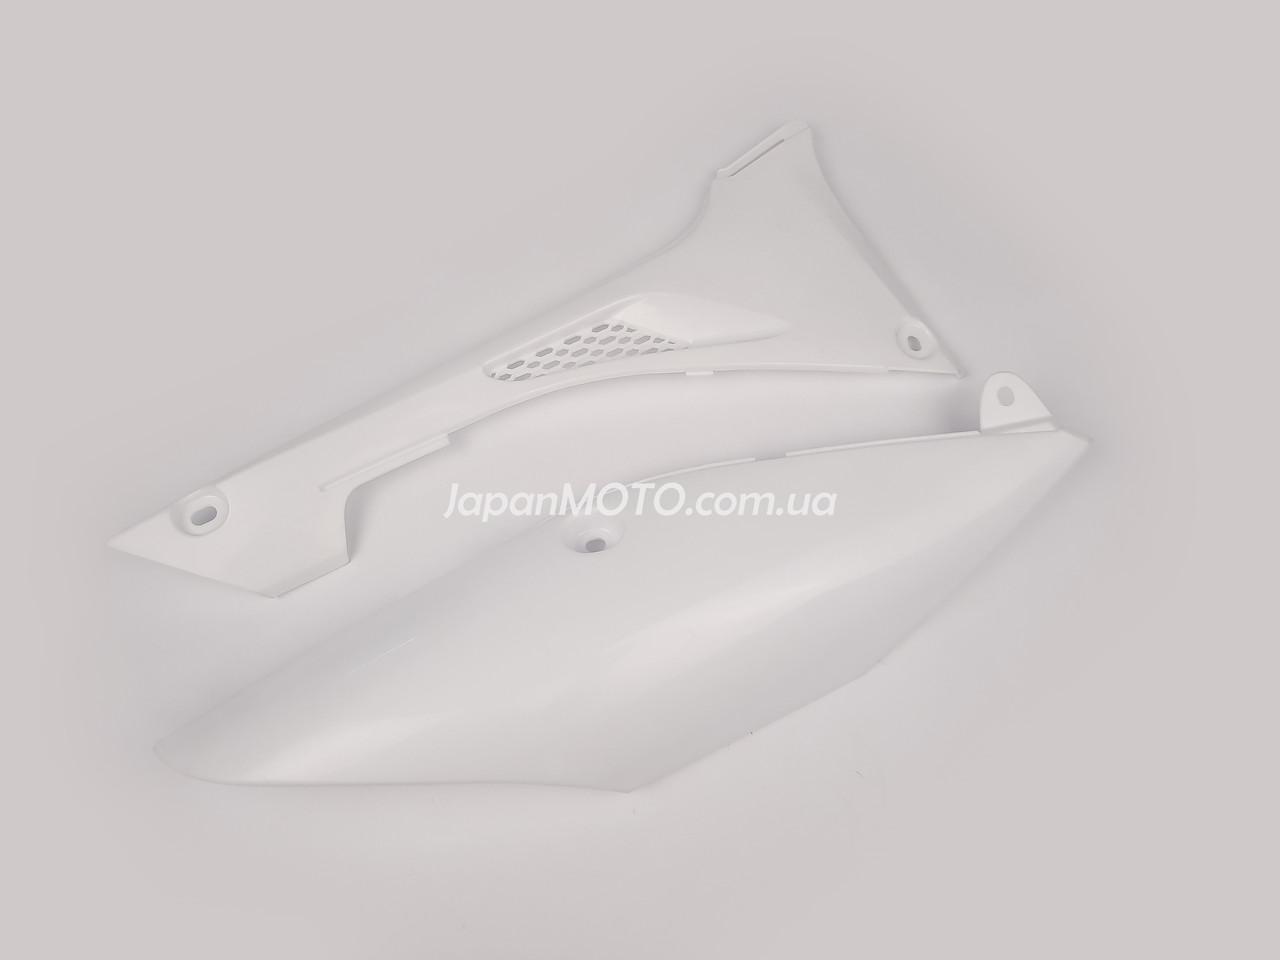 Крышка сиденья правая на мотоцикл KAYO T4, T2 2020, (комплект) оригинал